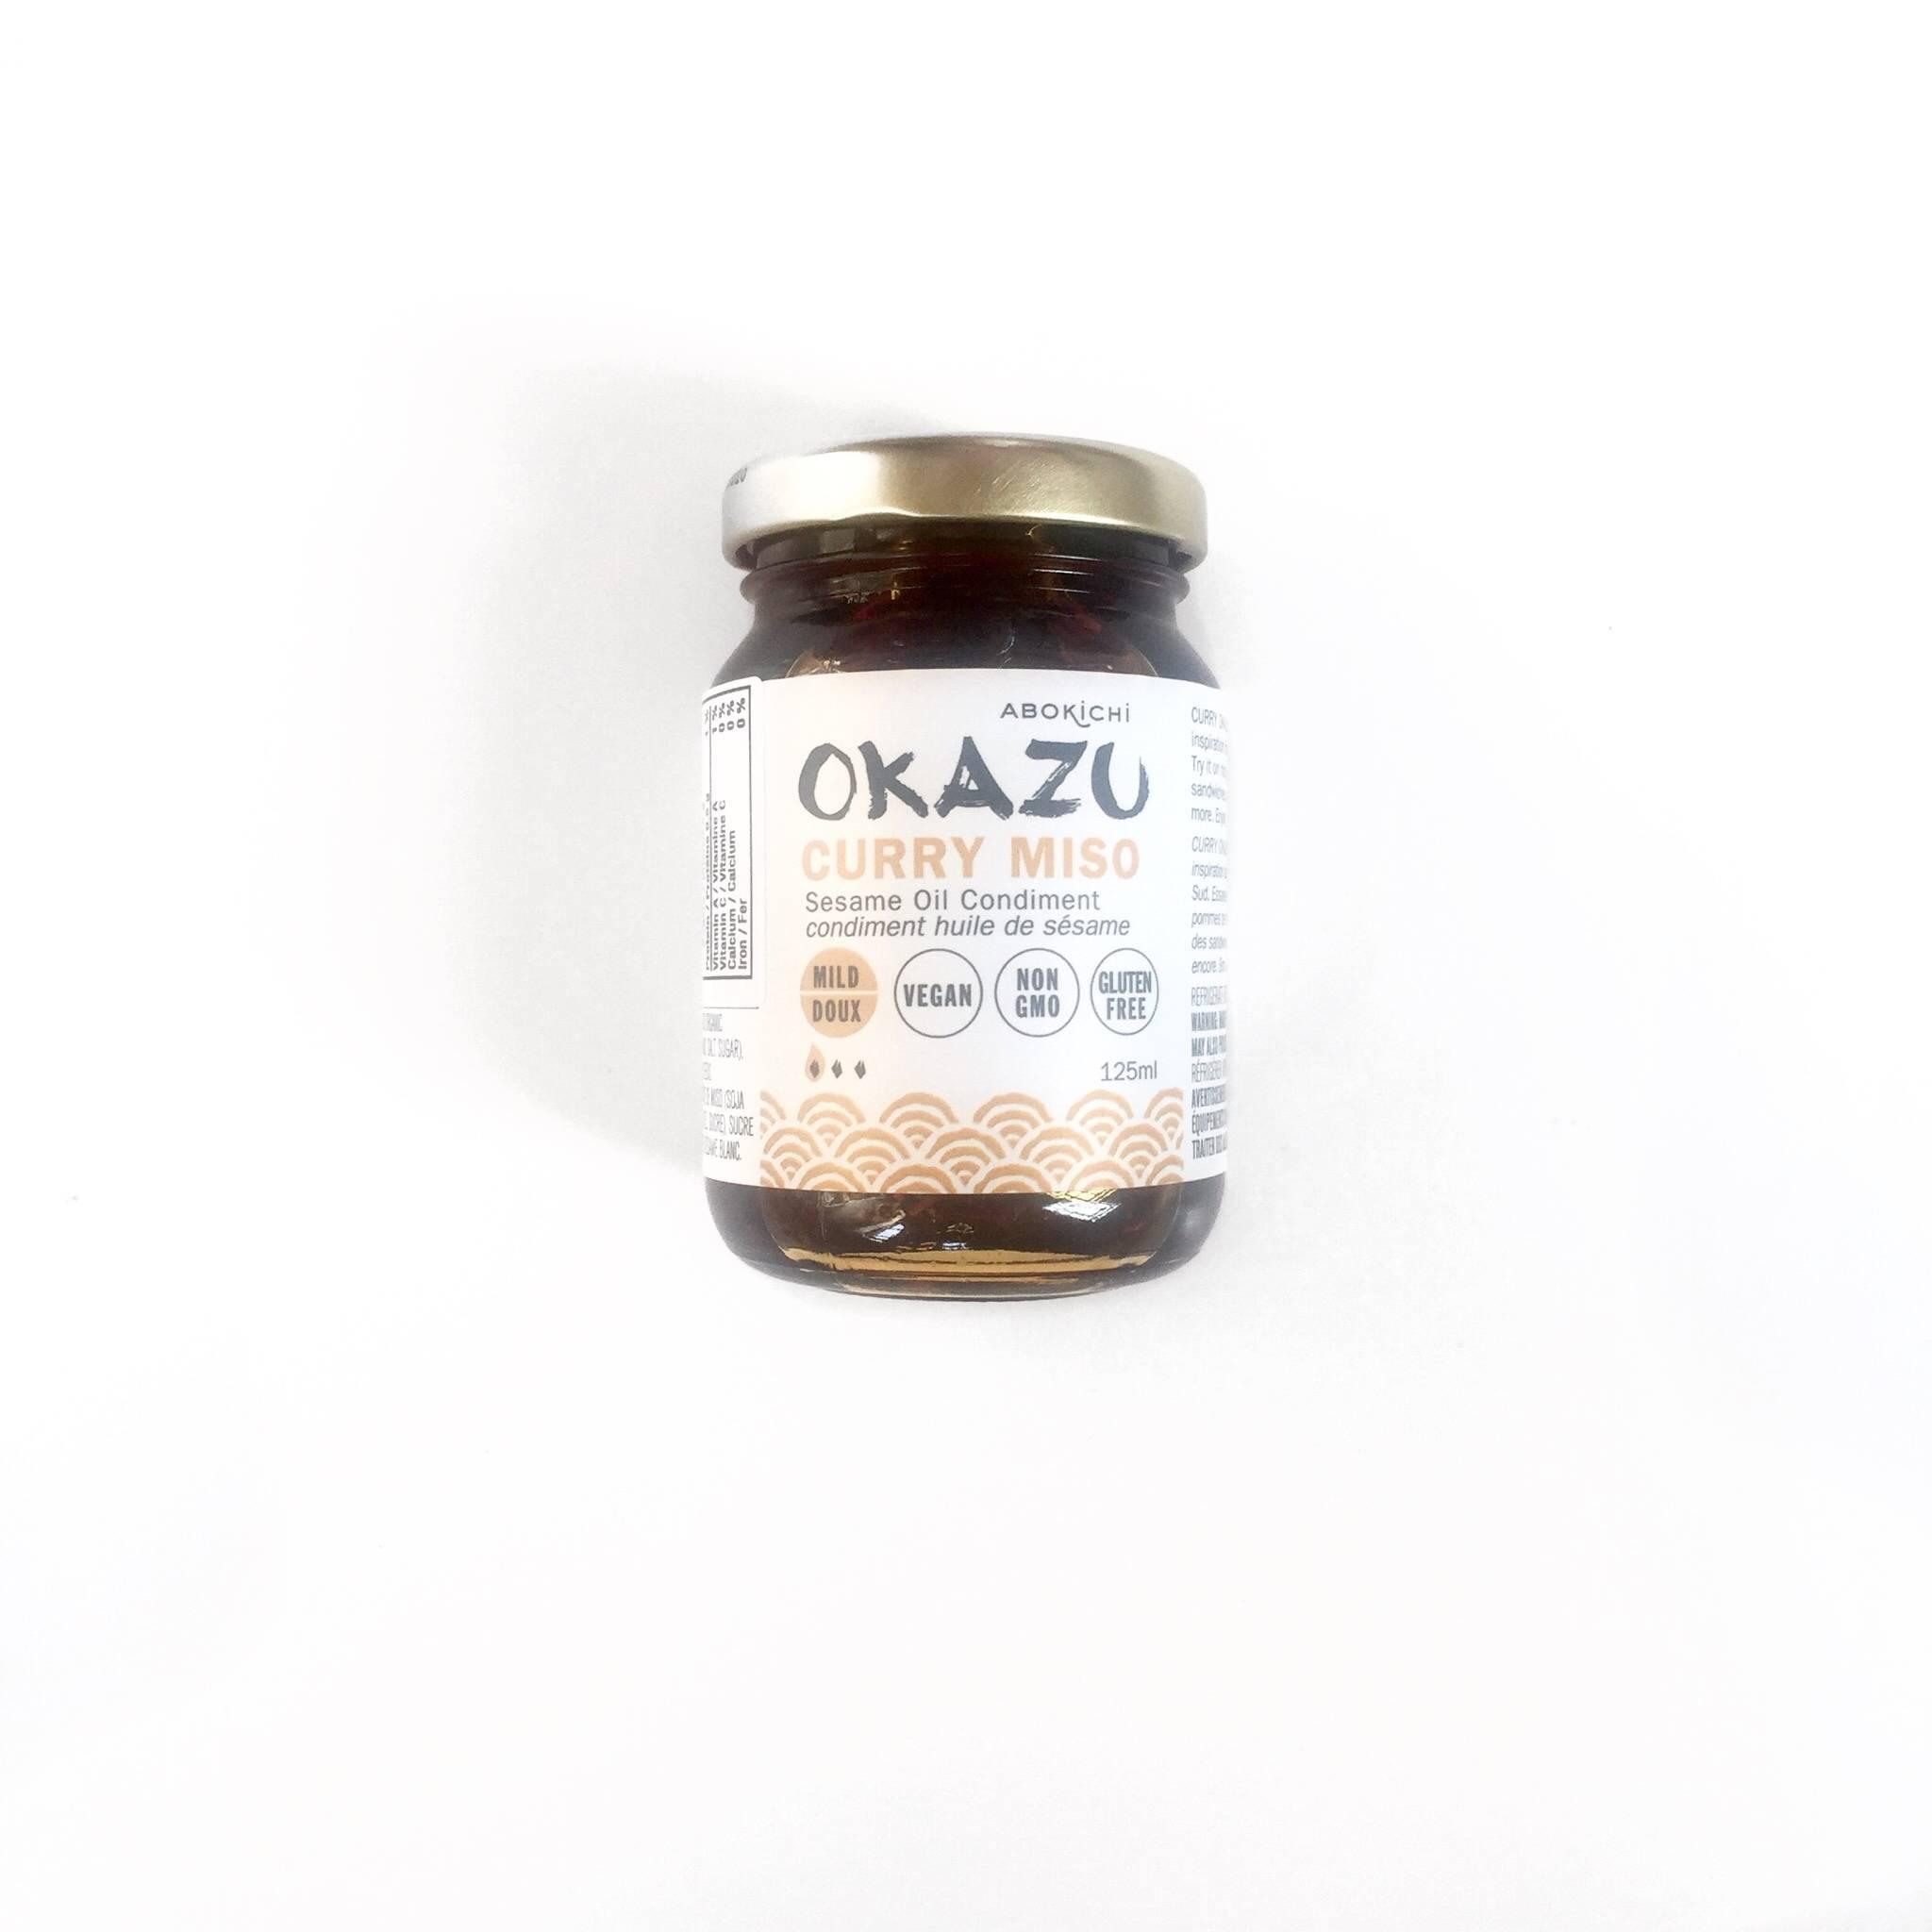 abokichi okazu miso condiment huile de sesame curry chili